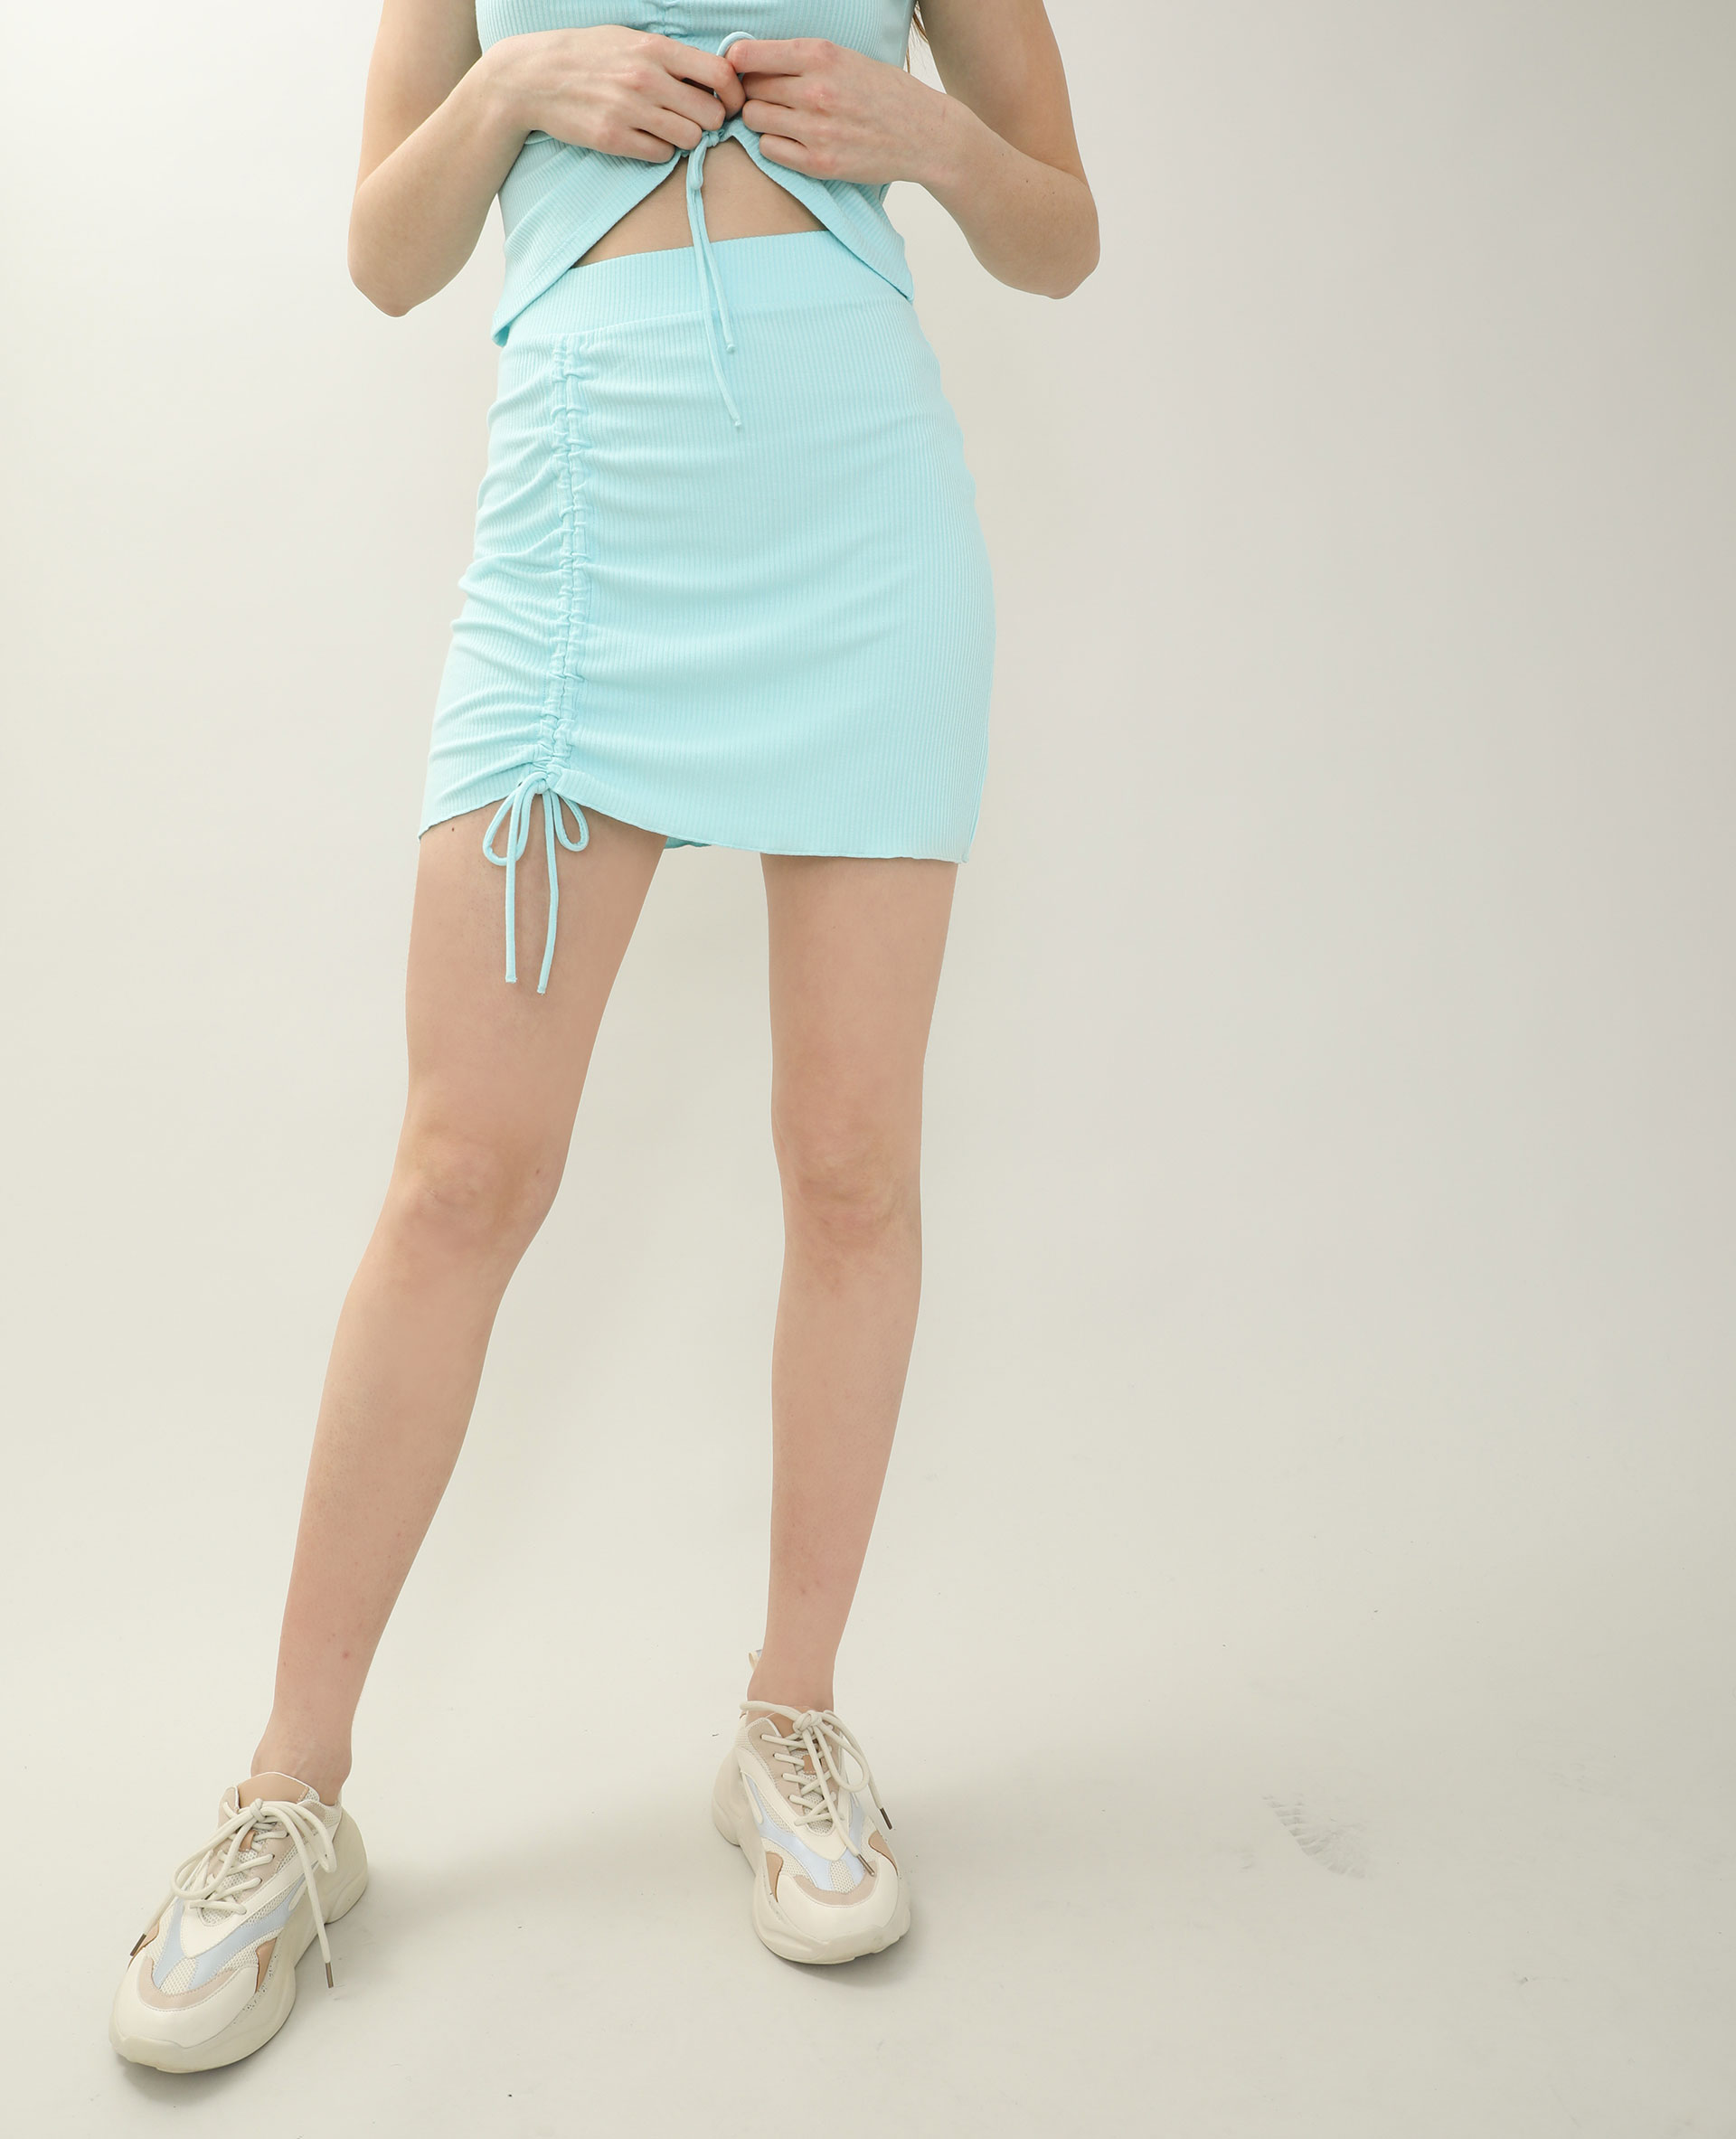 Jupe courte côtelée turquoise - Pimkie